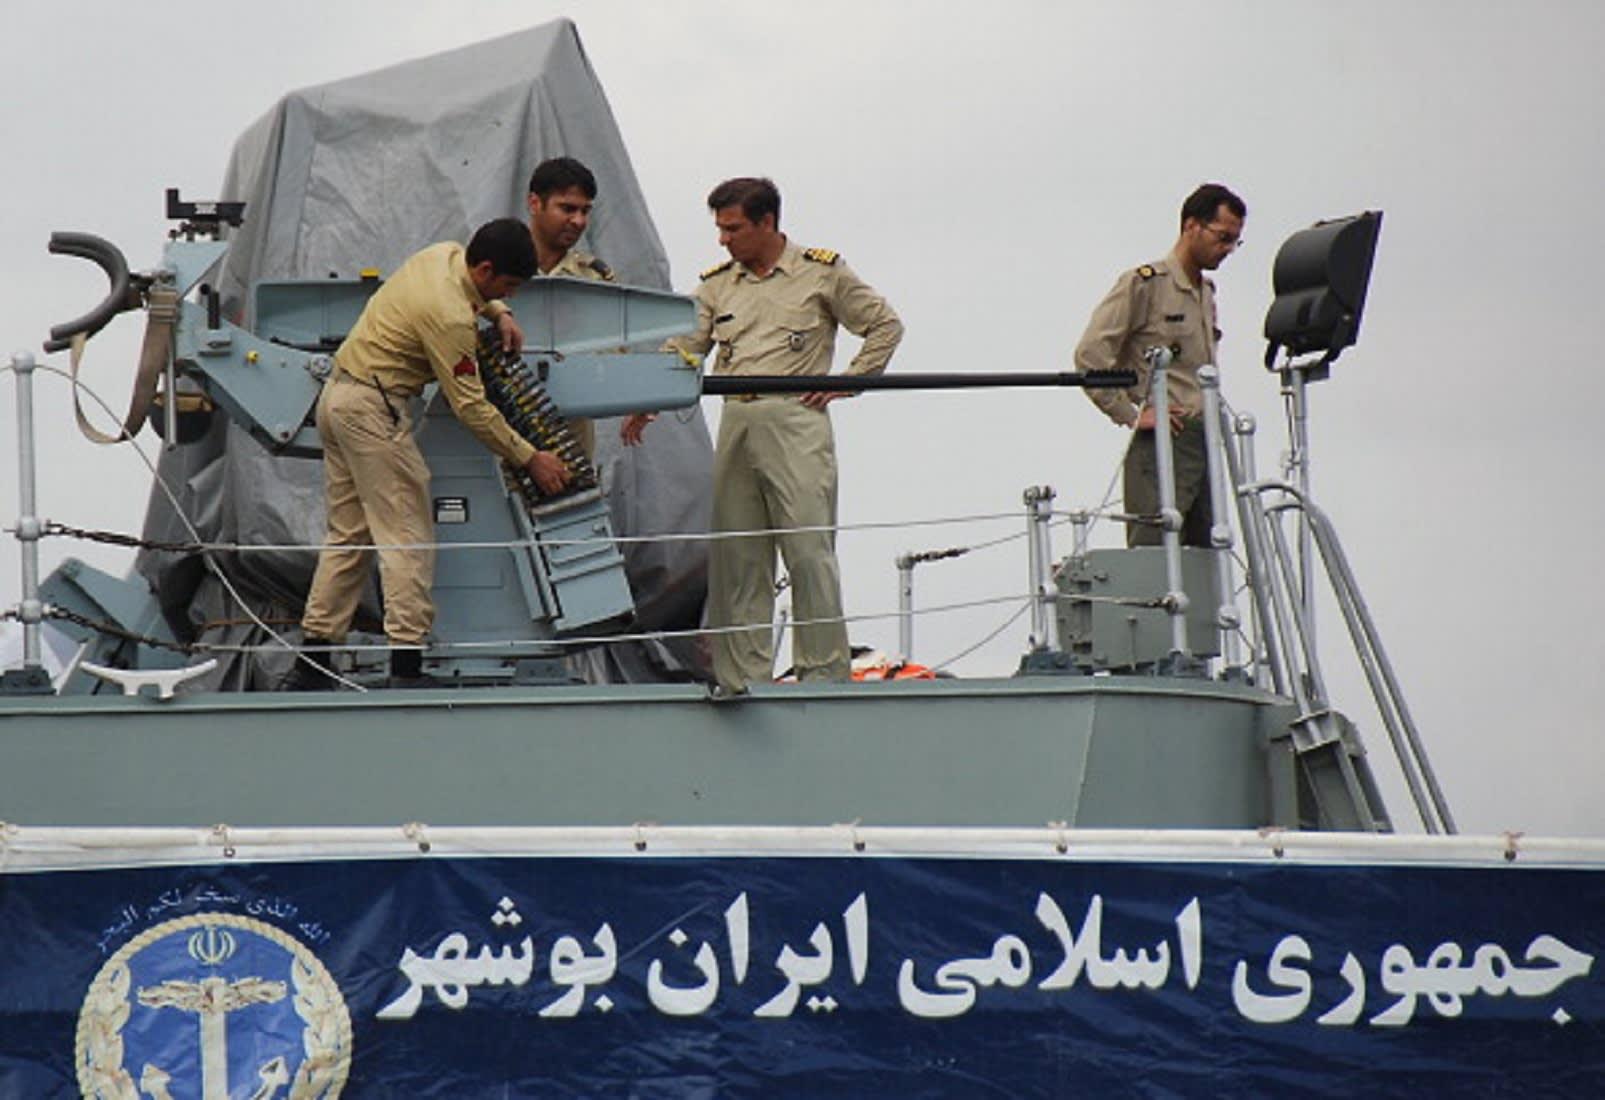 """إيران تعلن عن قرب تدشين غواصة محلية: """"ستذهل الأعداء"""""""